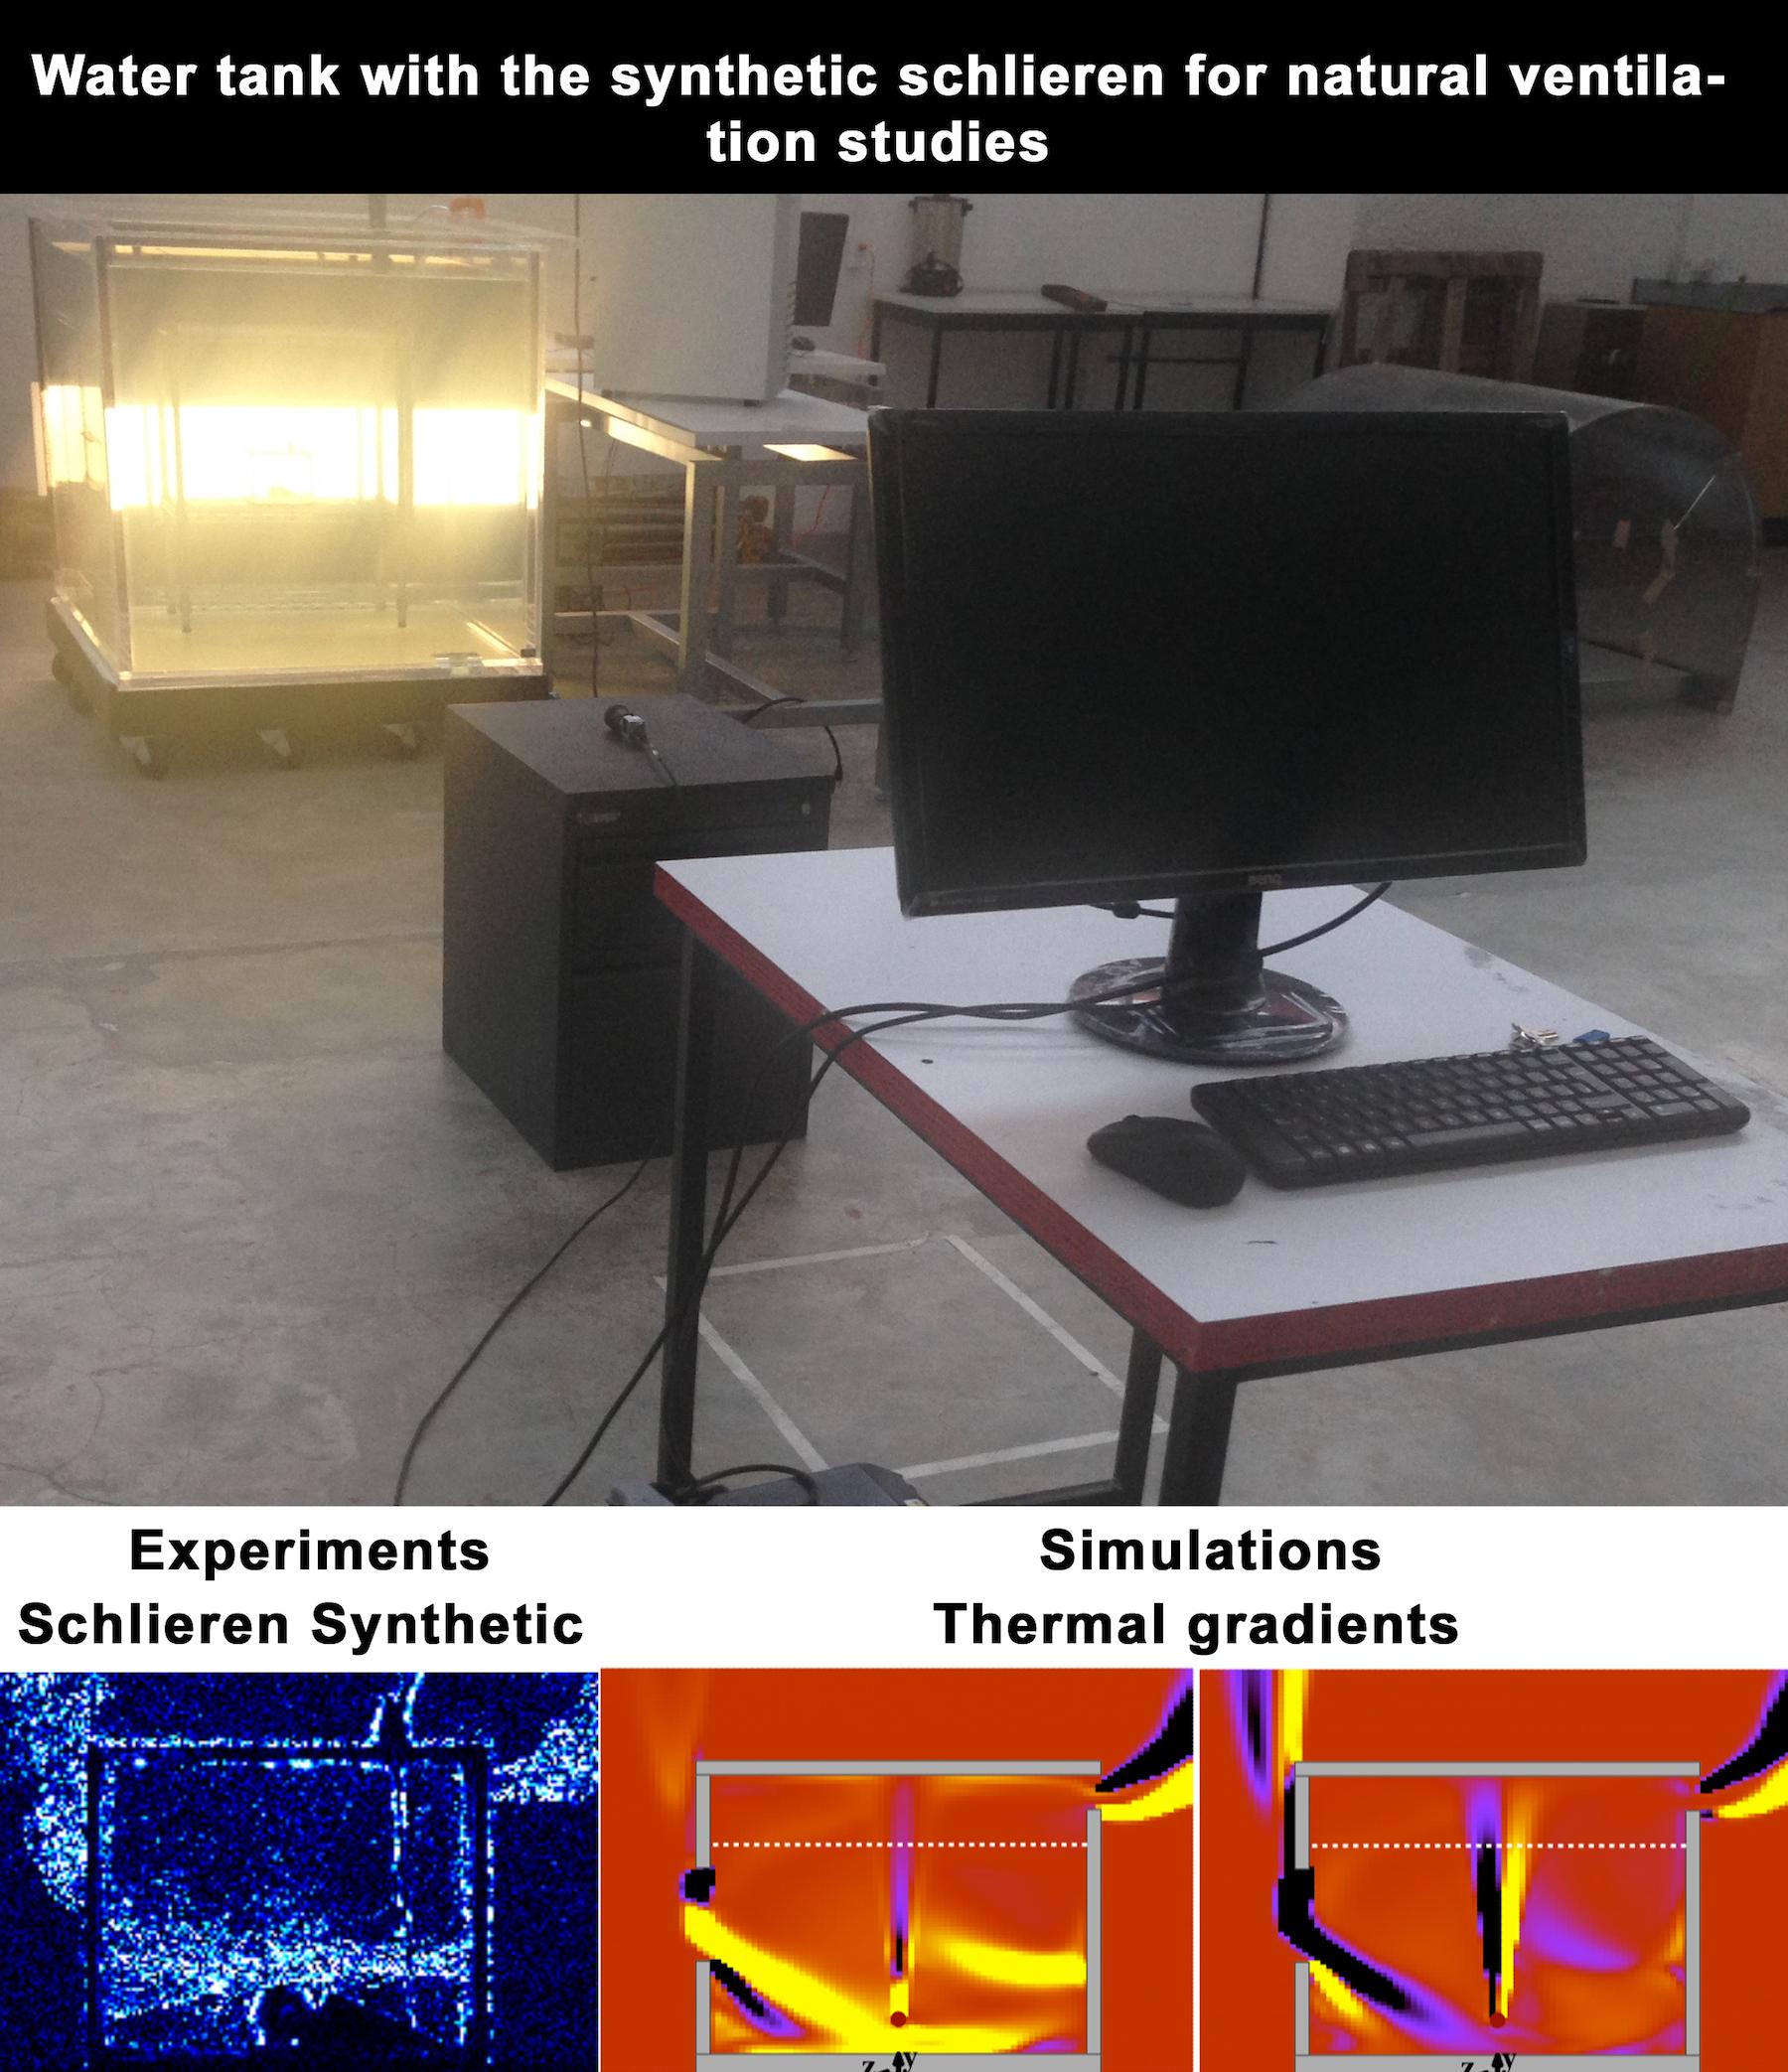 clase LUZ NATURAL de la especialización DISEÑO DE ILUMINACIÓN ARQUITECTÓNICA del Programa Único de Especializaciones en Arquitectura